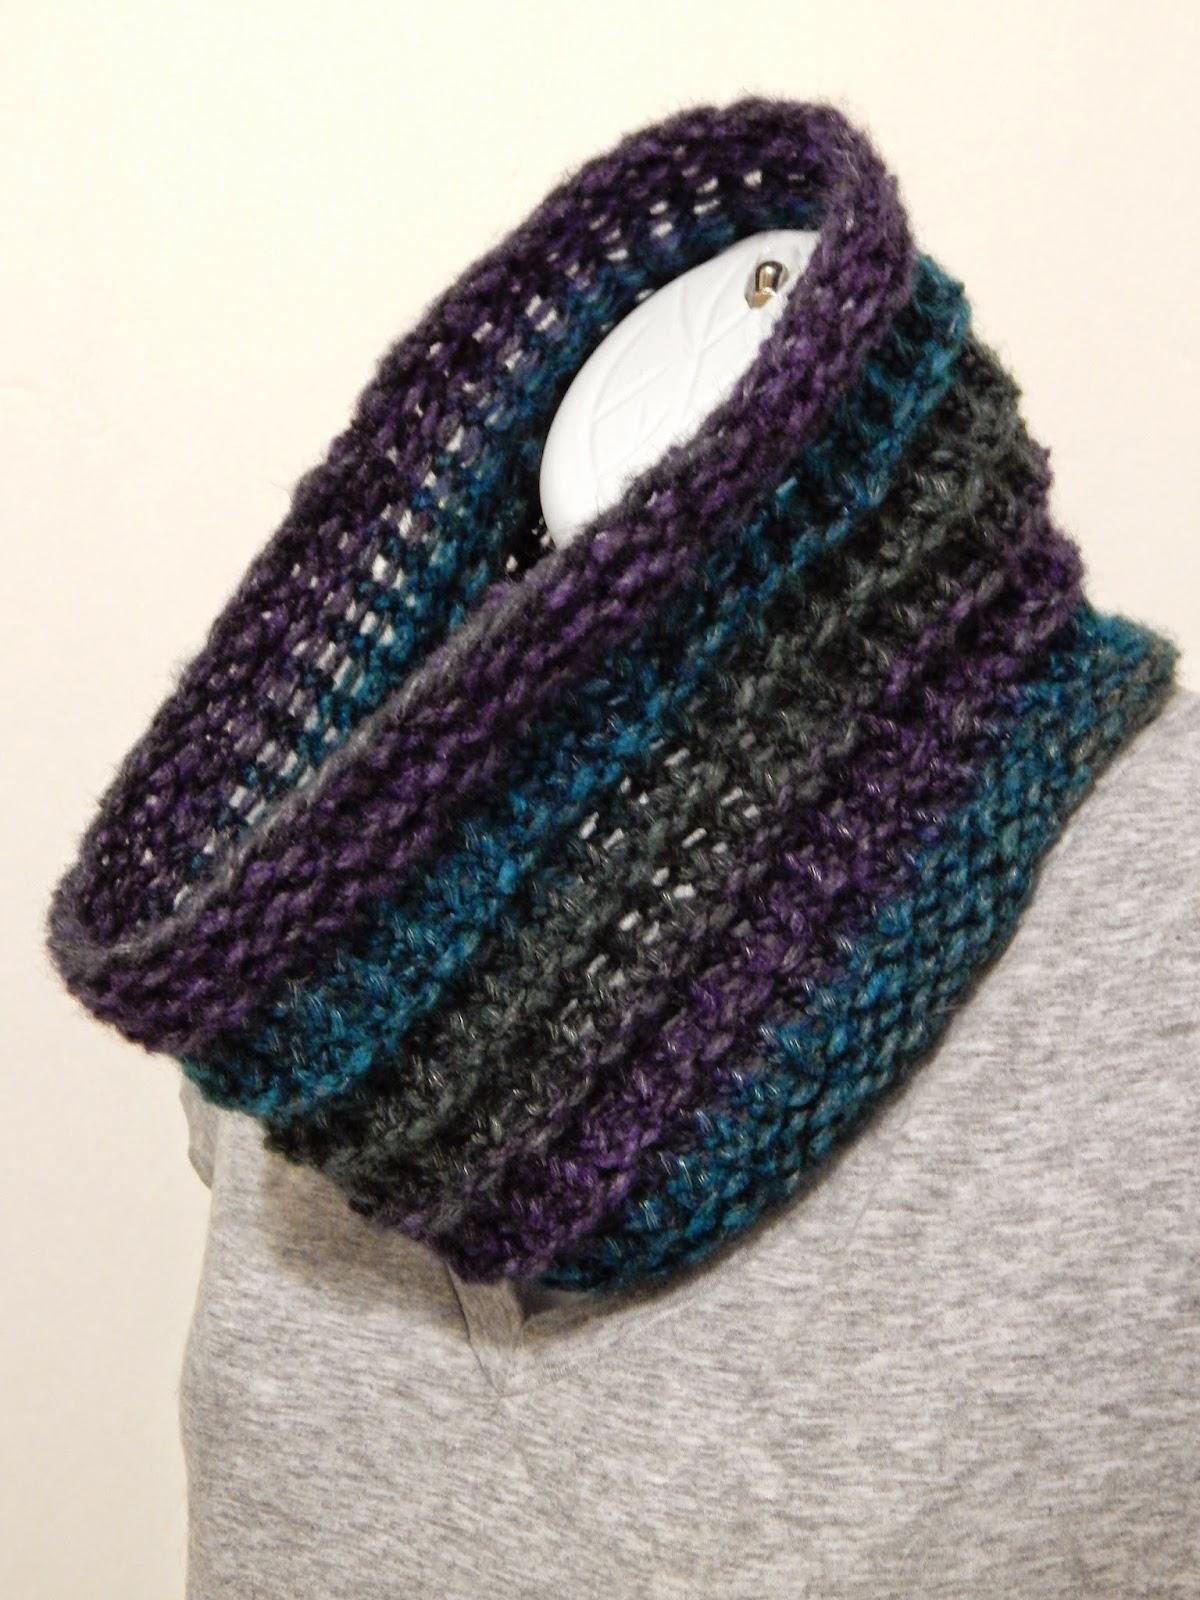 Jovial Knits: Loom Knit Cowl: Ridgeway Cowl